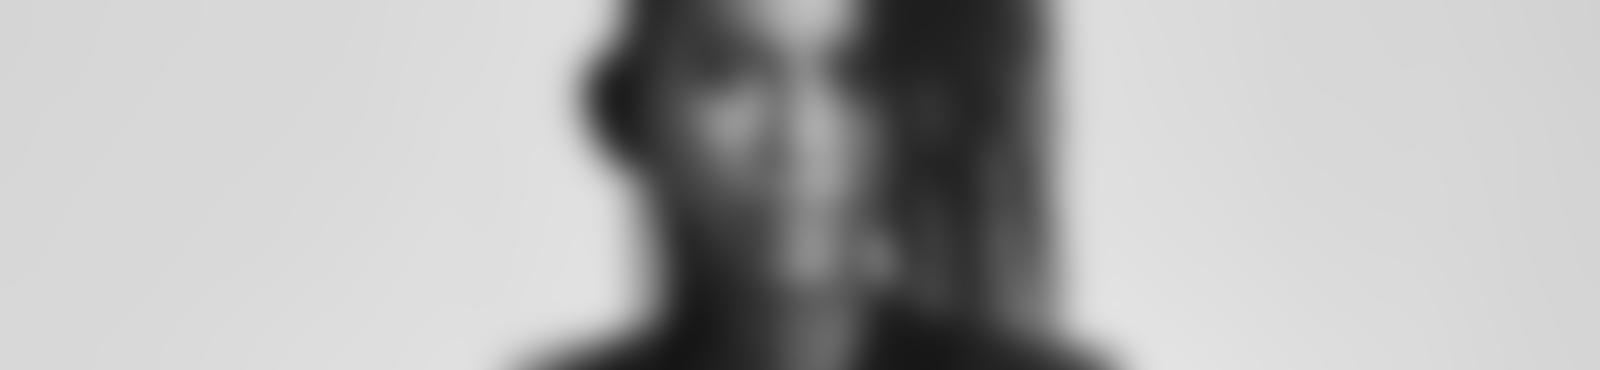 Blurred 2da60ce1 1086 45ed 852a 1f3f087b3f44